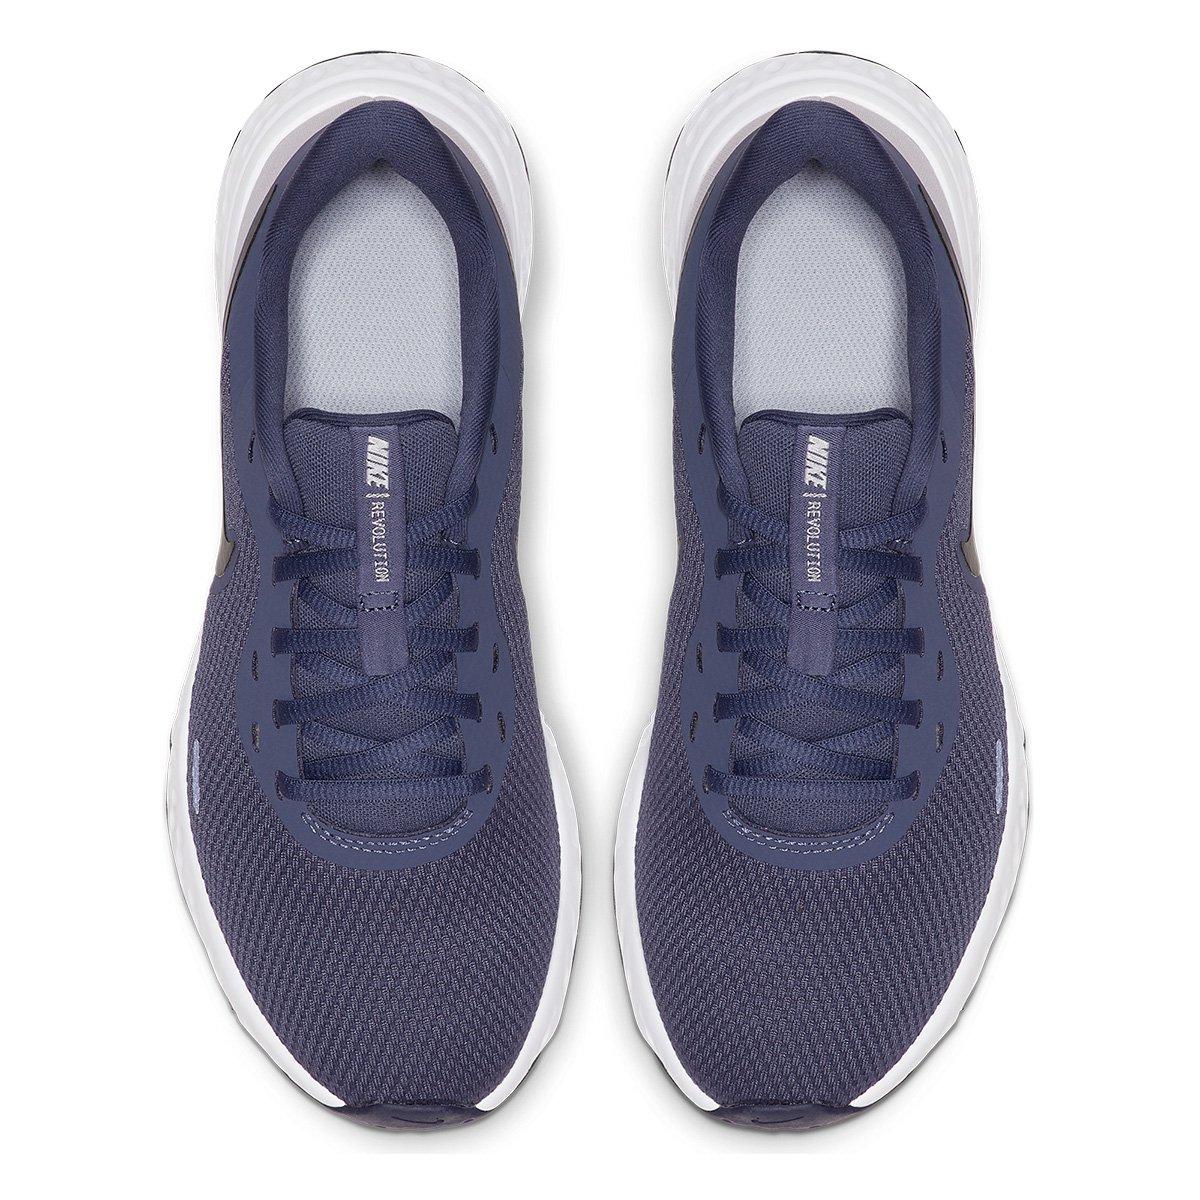 Tênis Nike Revolution 5 Feminino - Tam: 35 - 4